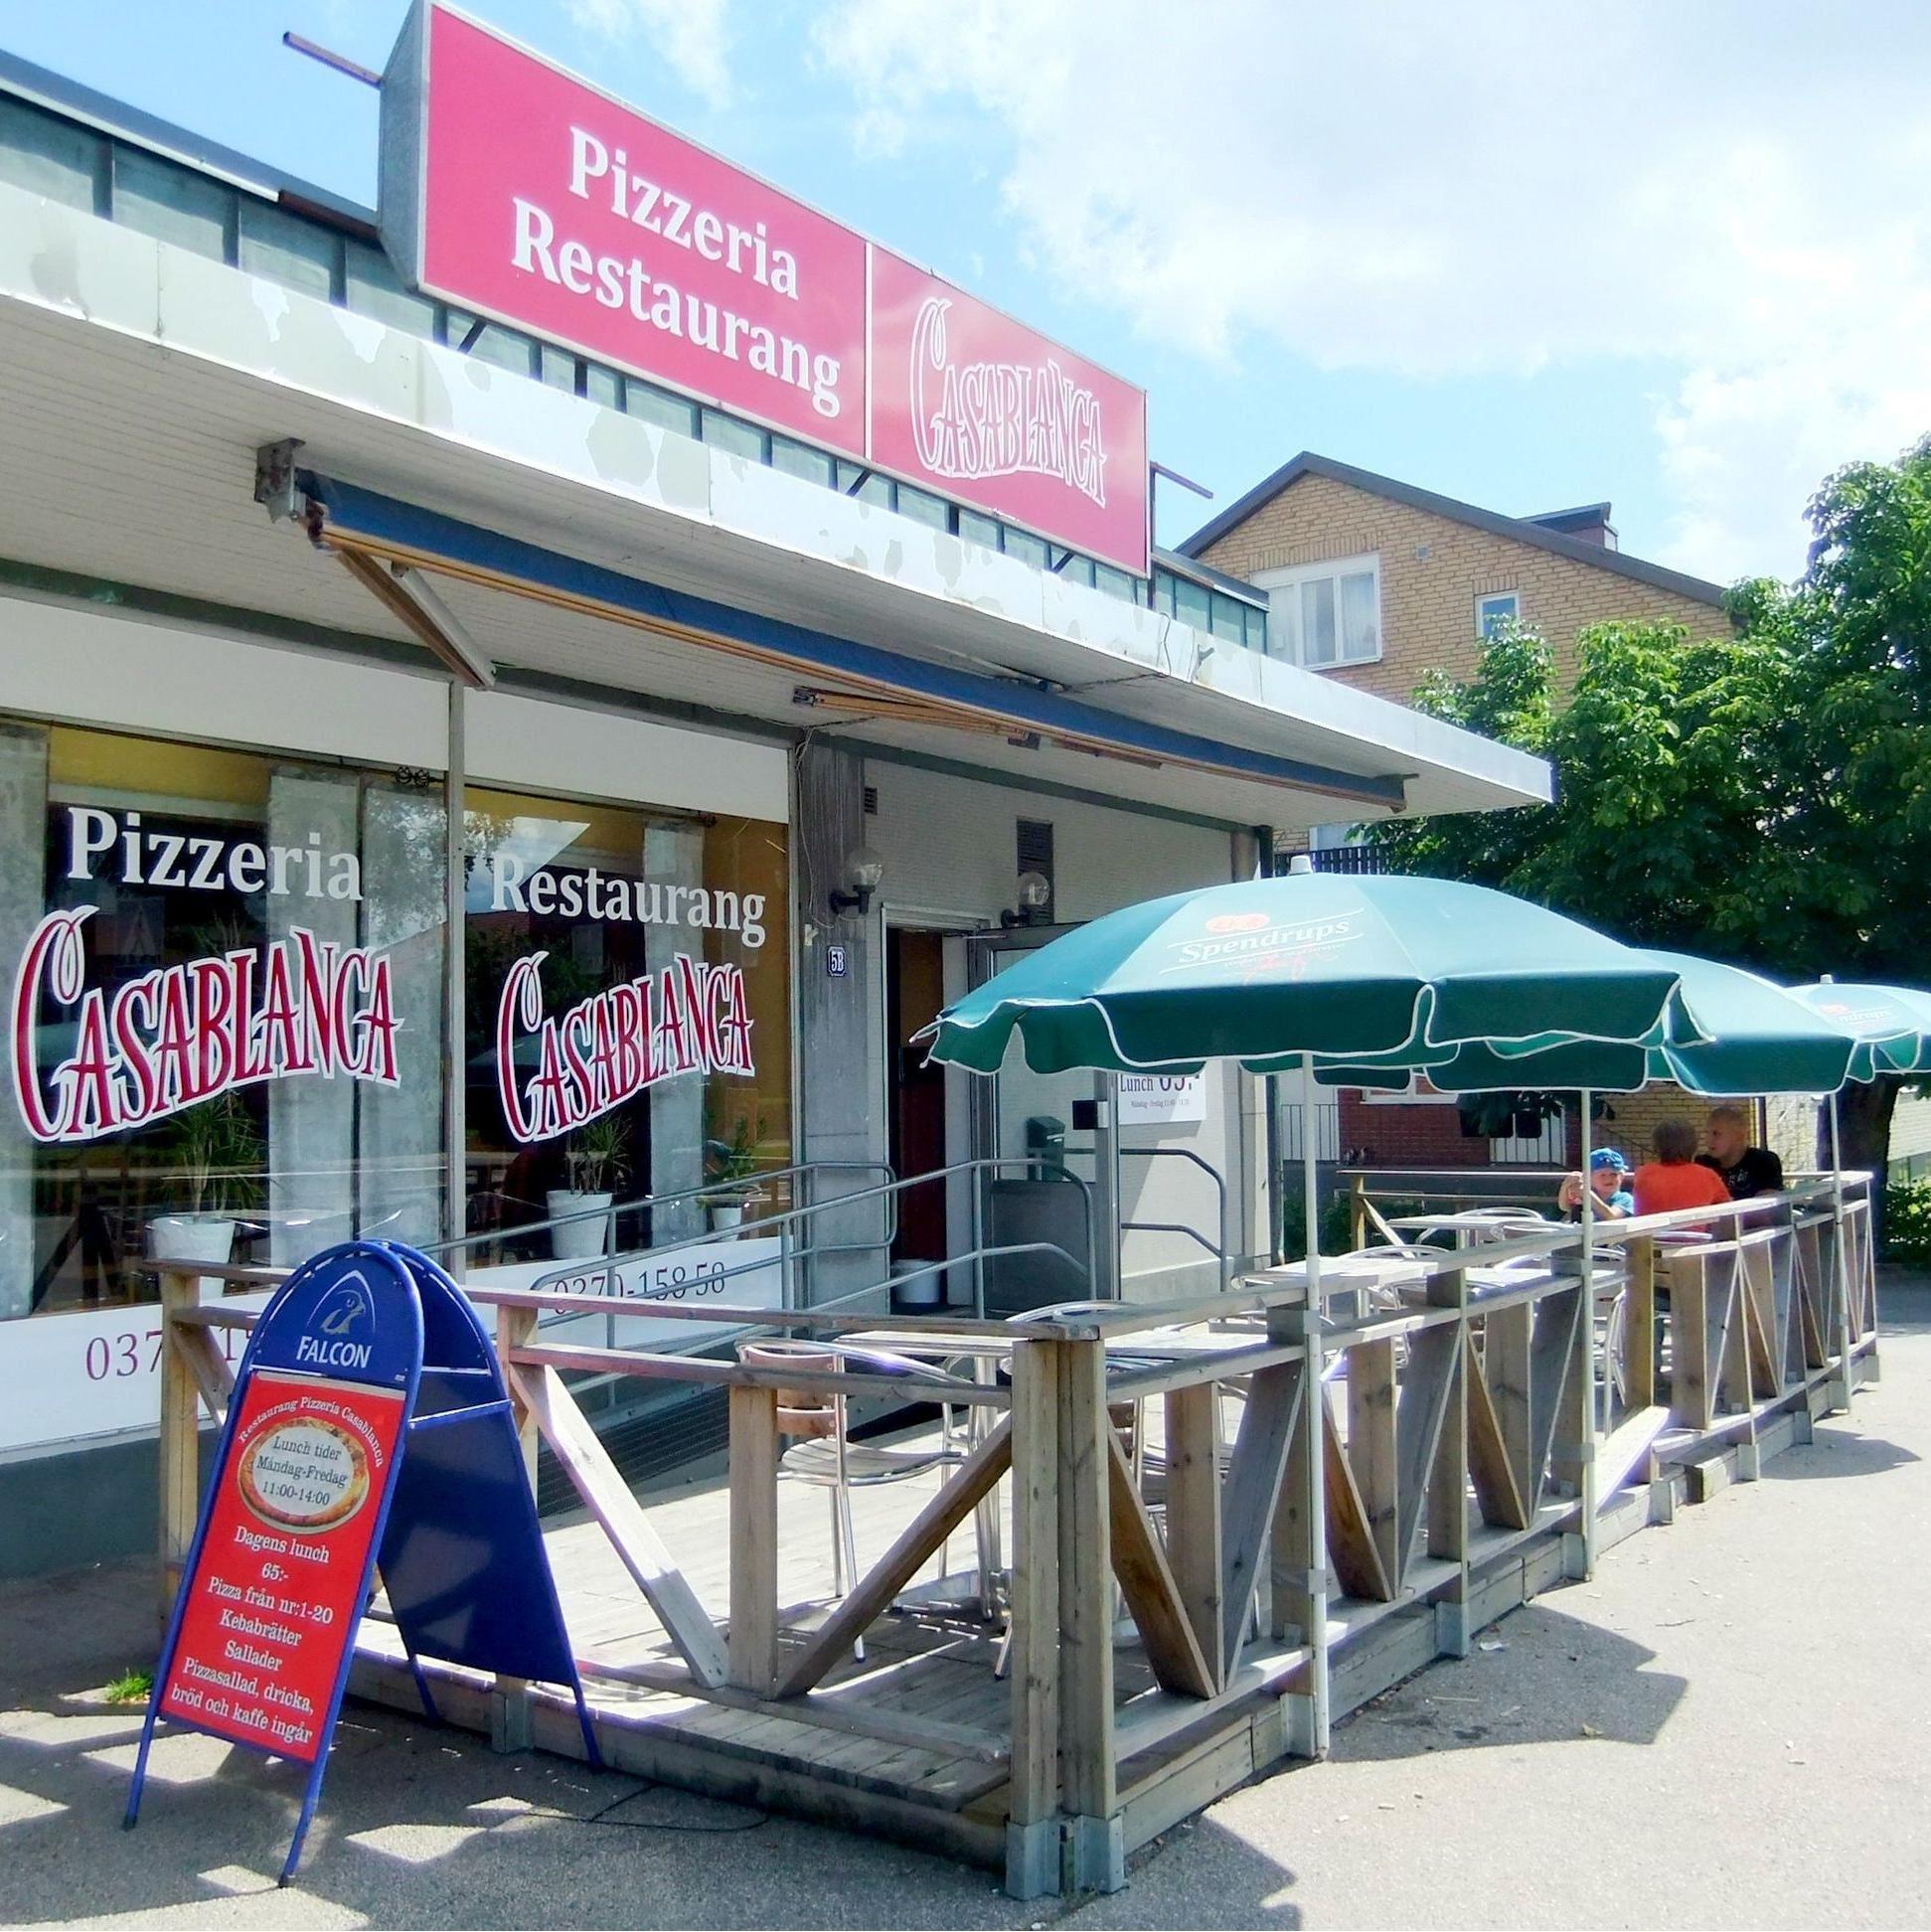 Pizzeria & Restaurant Casablanca